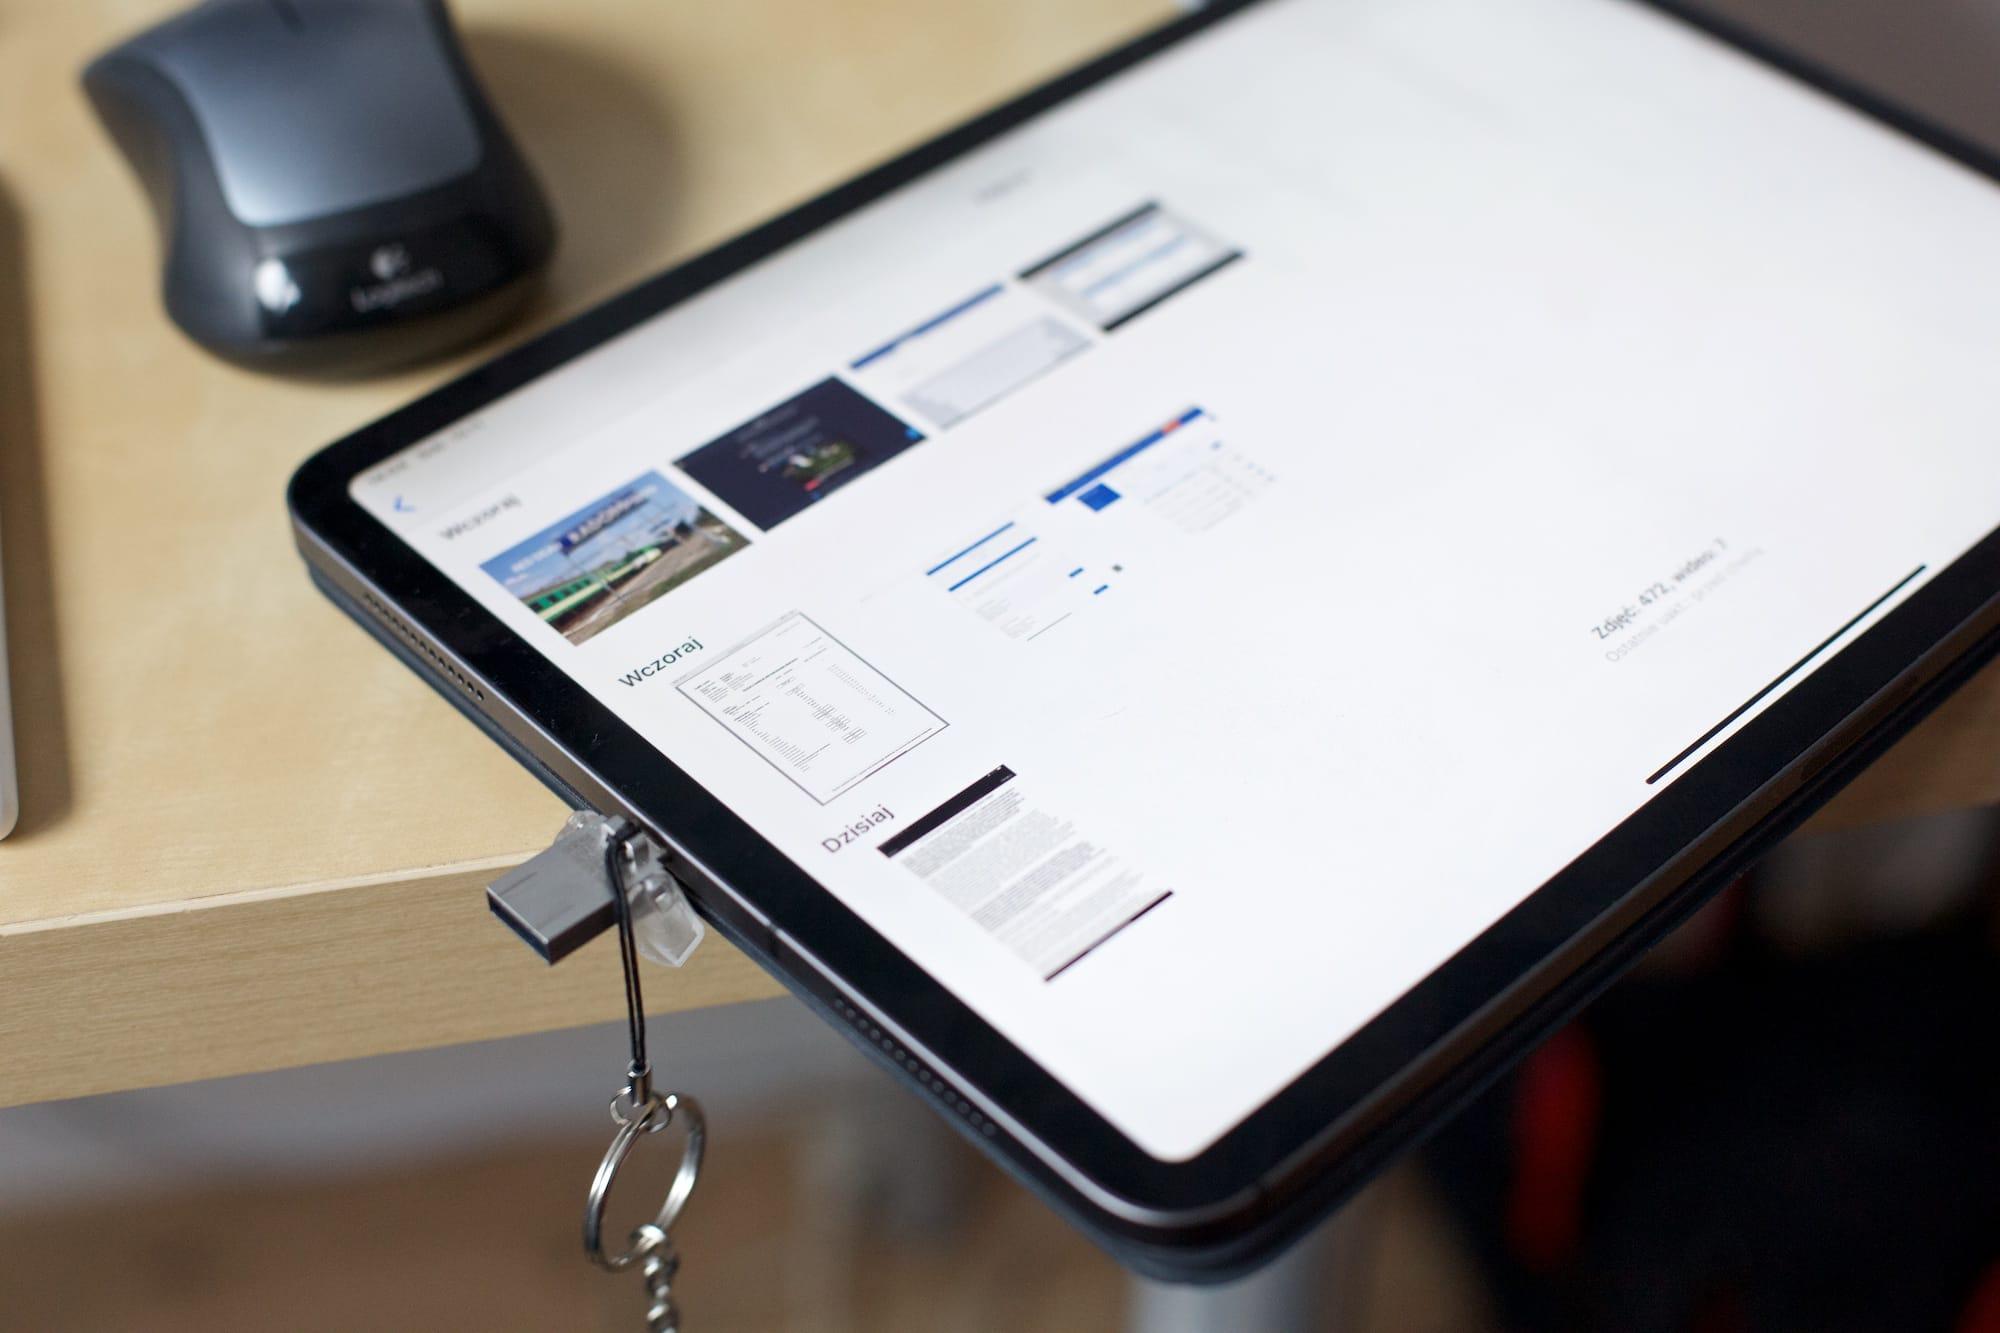 Można podłączyć iPada 2 do projektora